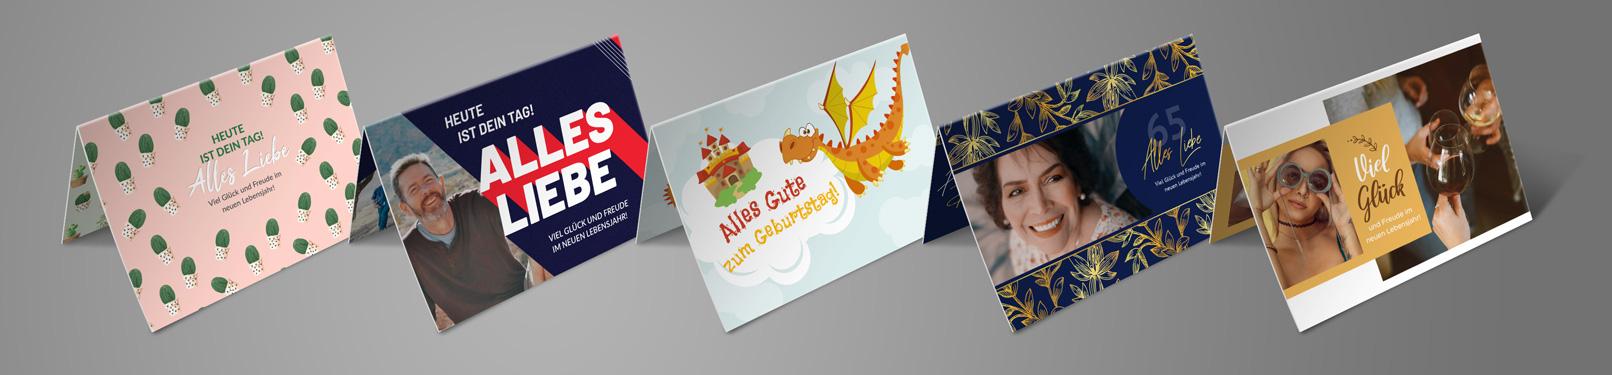 Vorlagen für Geburtstagskarten im A5-Querformat, selbst gestalten und ausdrucken